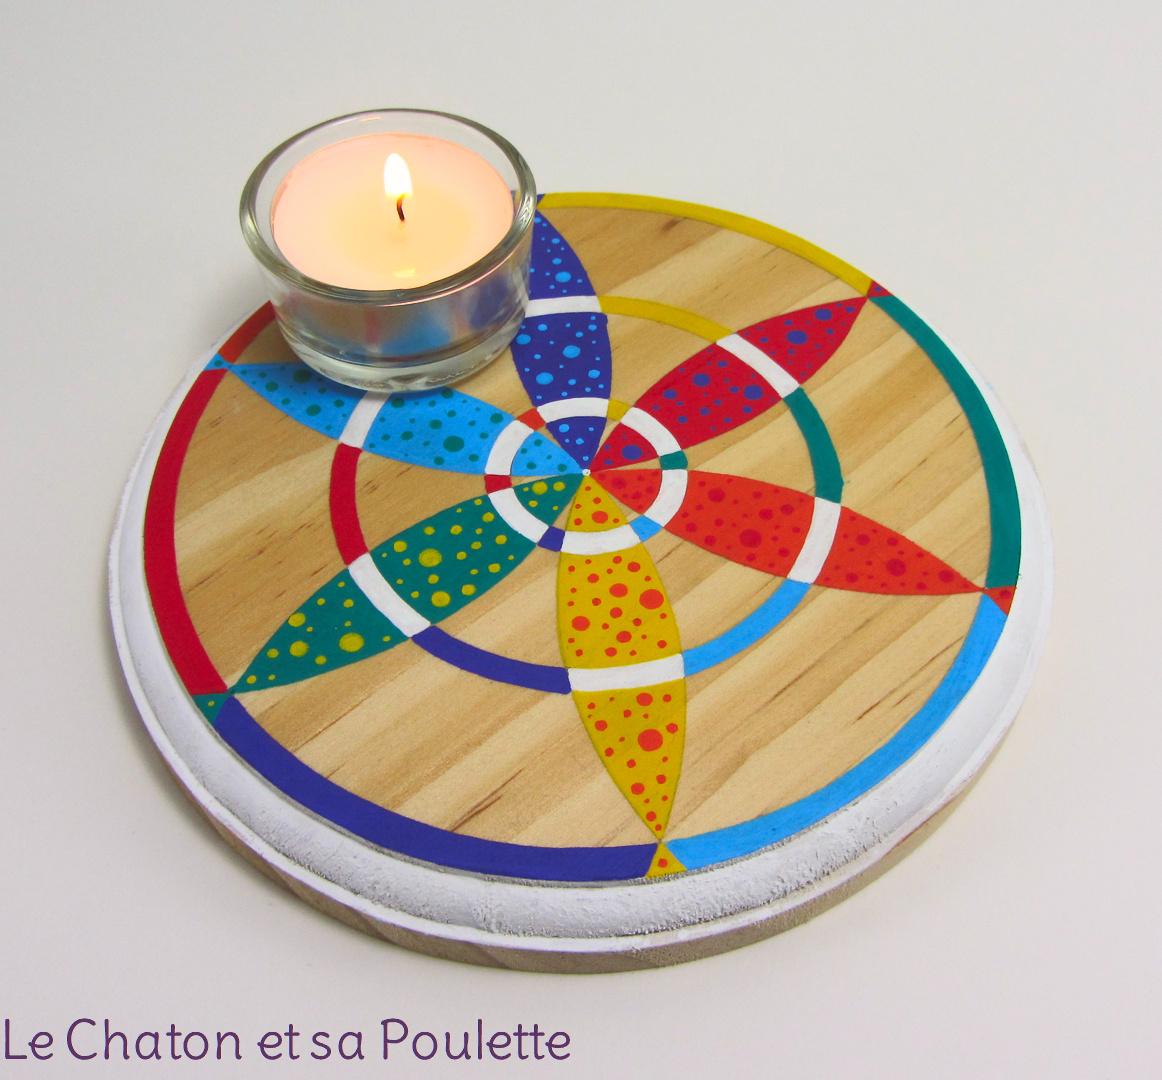 Photophore CIBLE ÉTOILÉE (rouge/orange/jaune/vert/bleu/violet et blanc) - Le chaton et sa Poulette